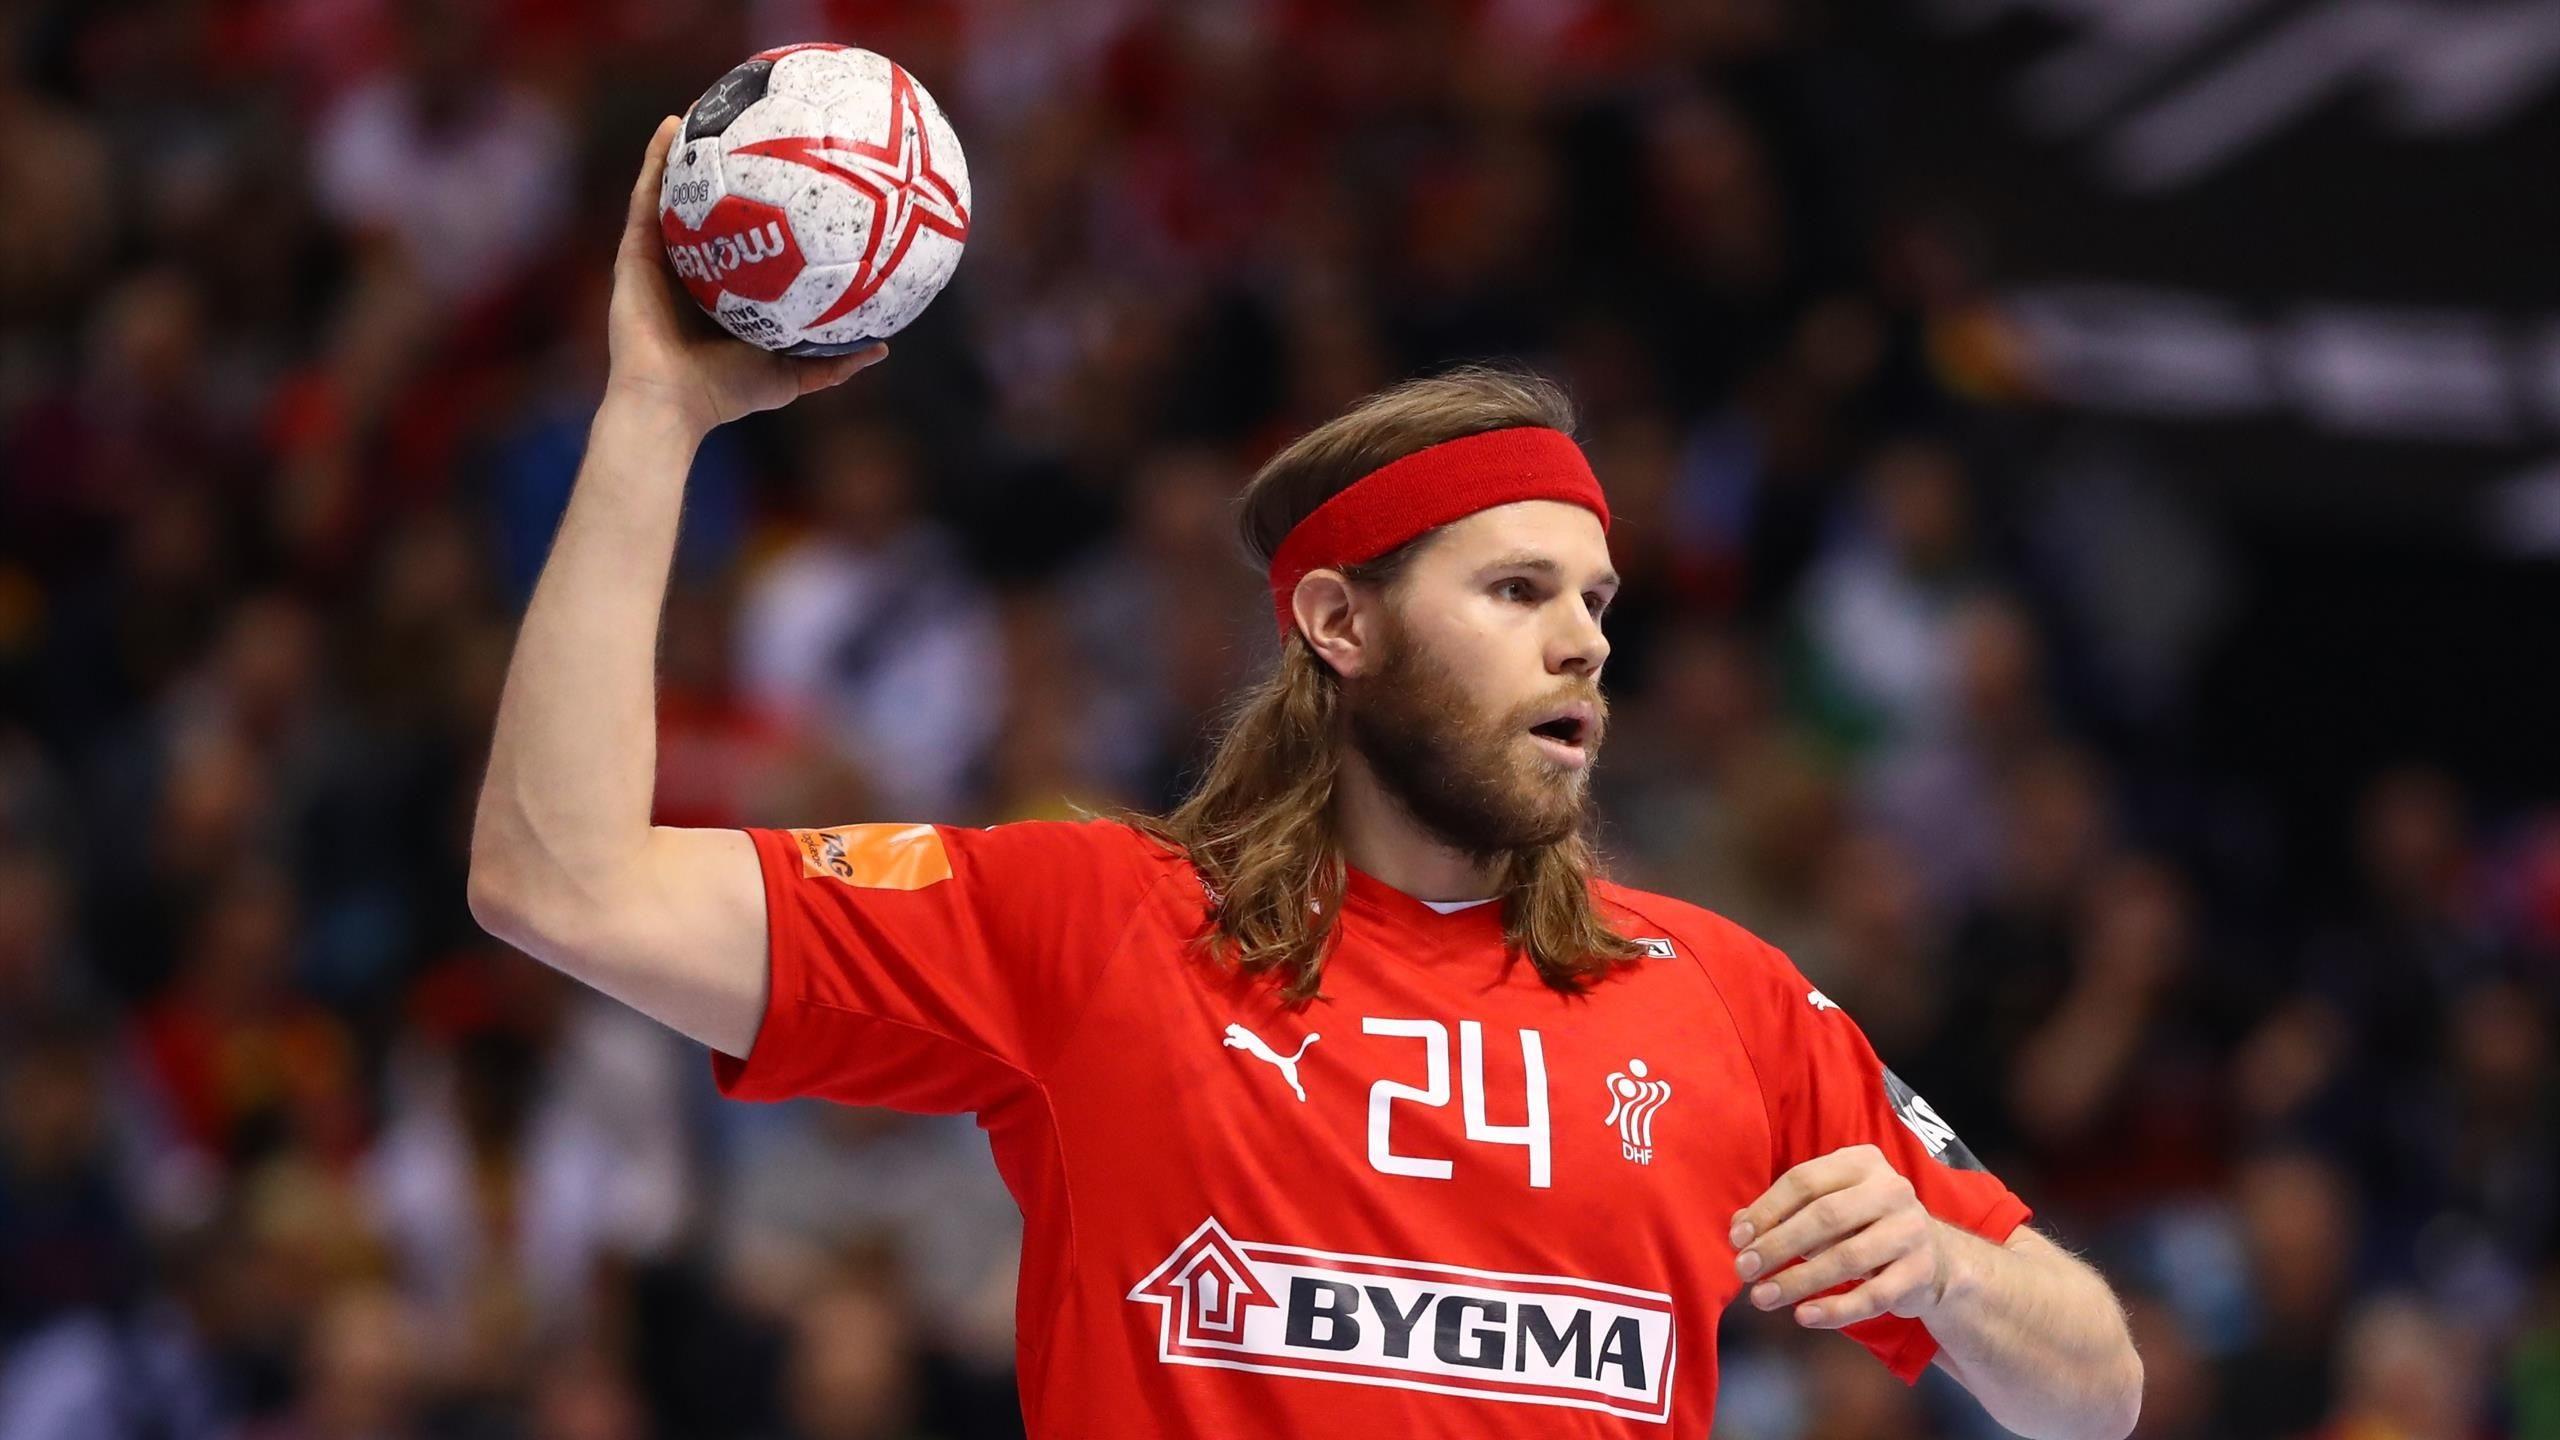 winner handball world championship